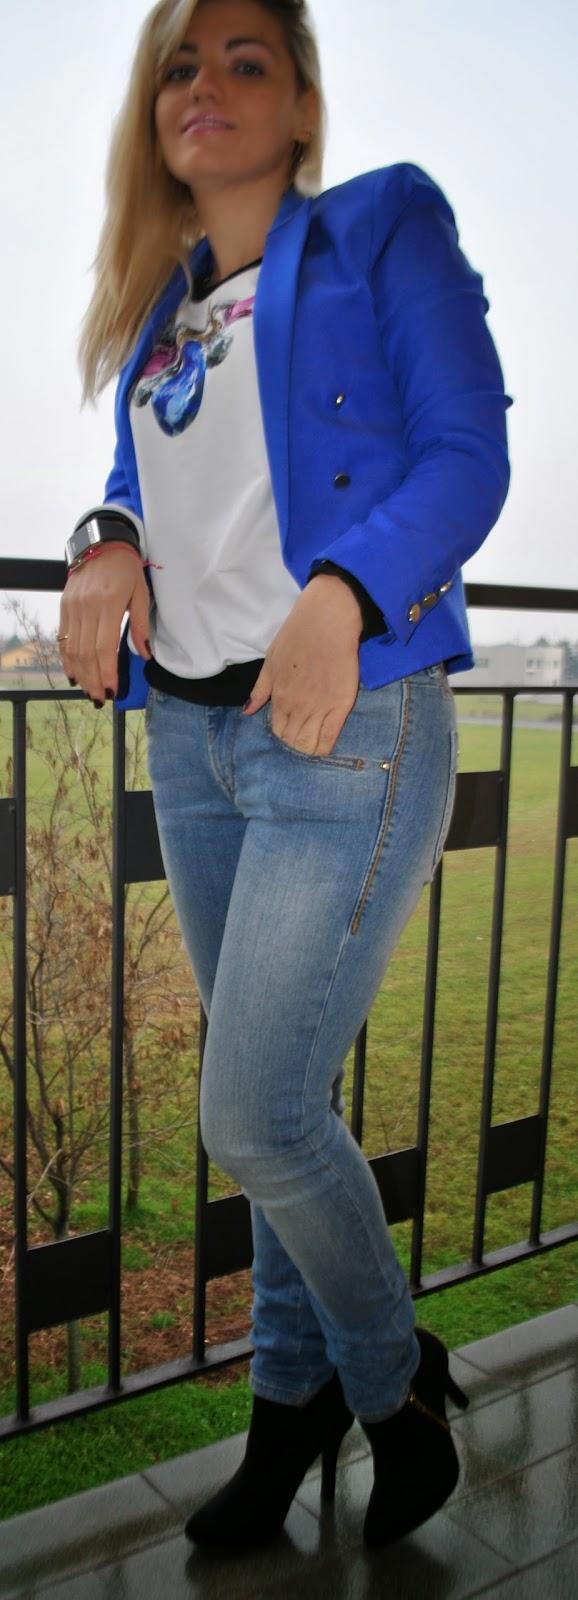 outfit jeans fornarina felpa con stampa diamante giacca mango orecchini stroili oro bracciale sara greco gioielli orologio avatar by zoppini outfit casual come abbinare la felpa fashion blogger italiane milano abbinamenti jeans e tacchi giacca blu abbinamenti giacca blu come abbinare la giacca blu abbinamenti jeans e felpa outfit felpa  stampa diamante gaelle bonheur